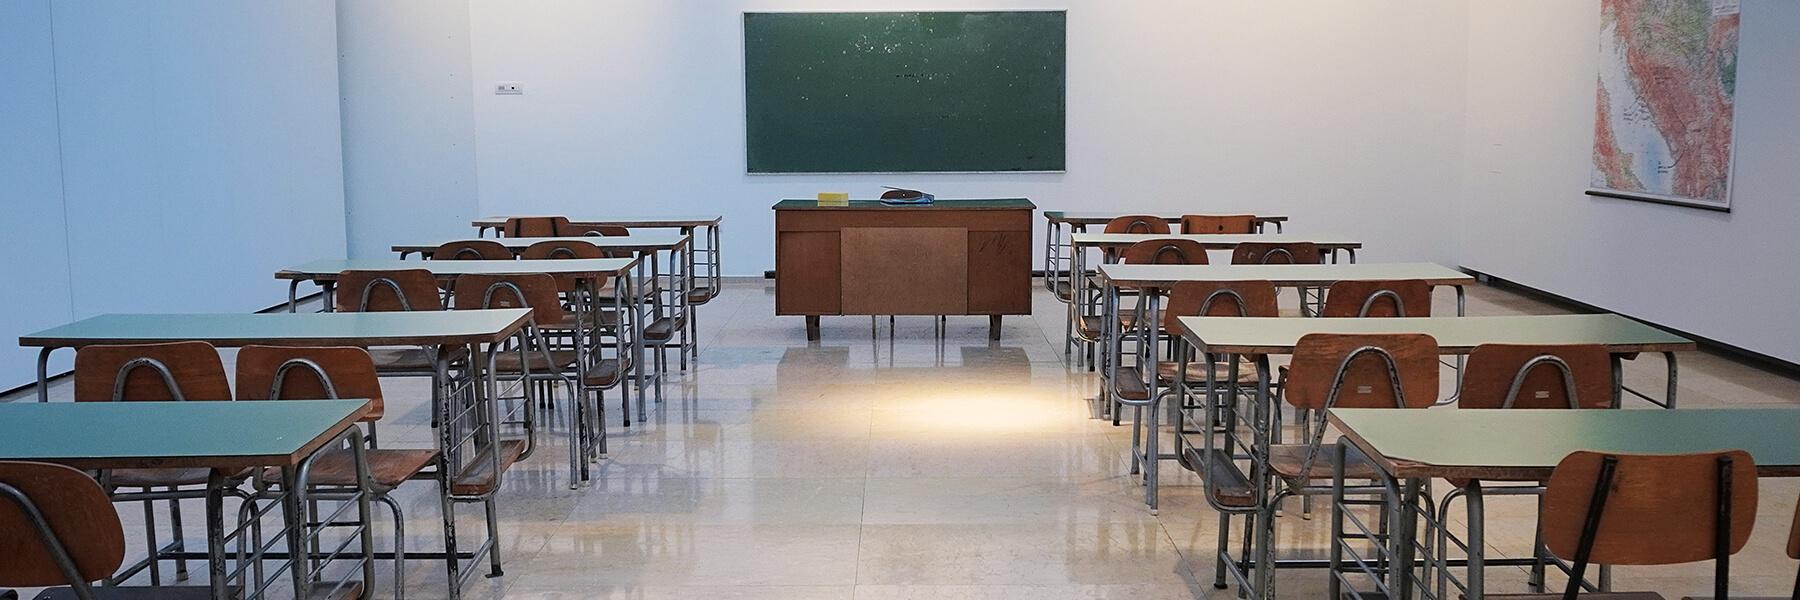 Vorübergehende Schulschließung